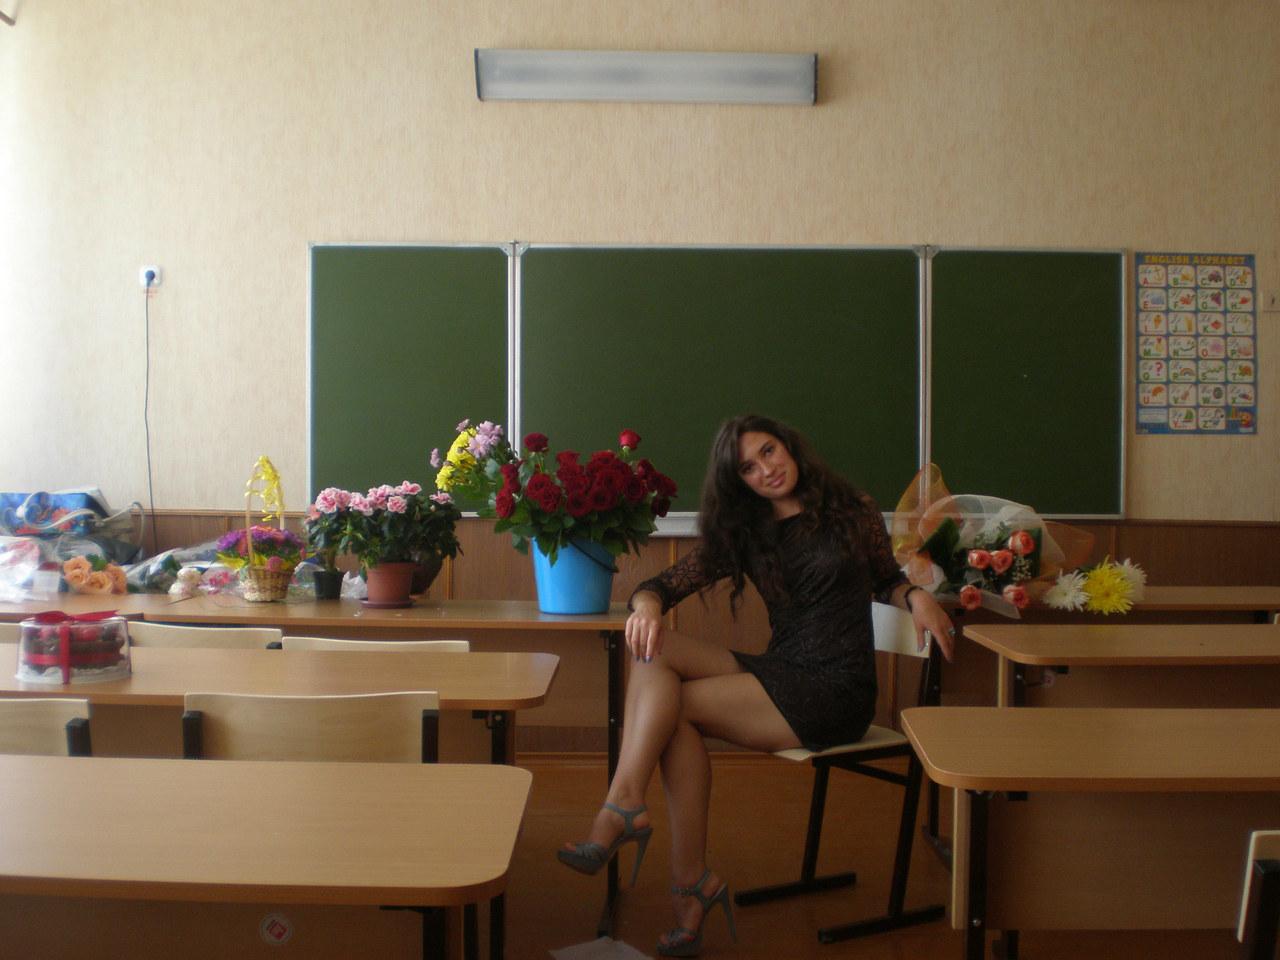 Училки которых бы я трахнул, Порно Учитель -видео. Смотреть порно онлайн! 25 фотография